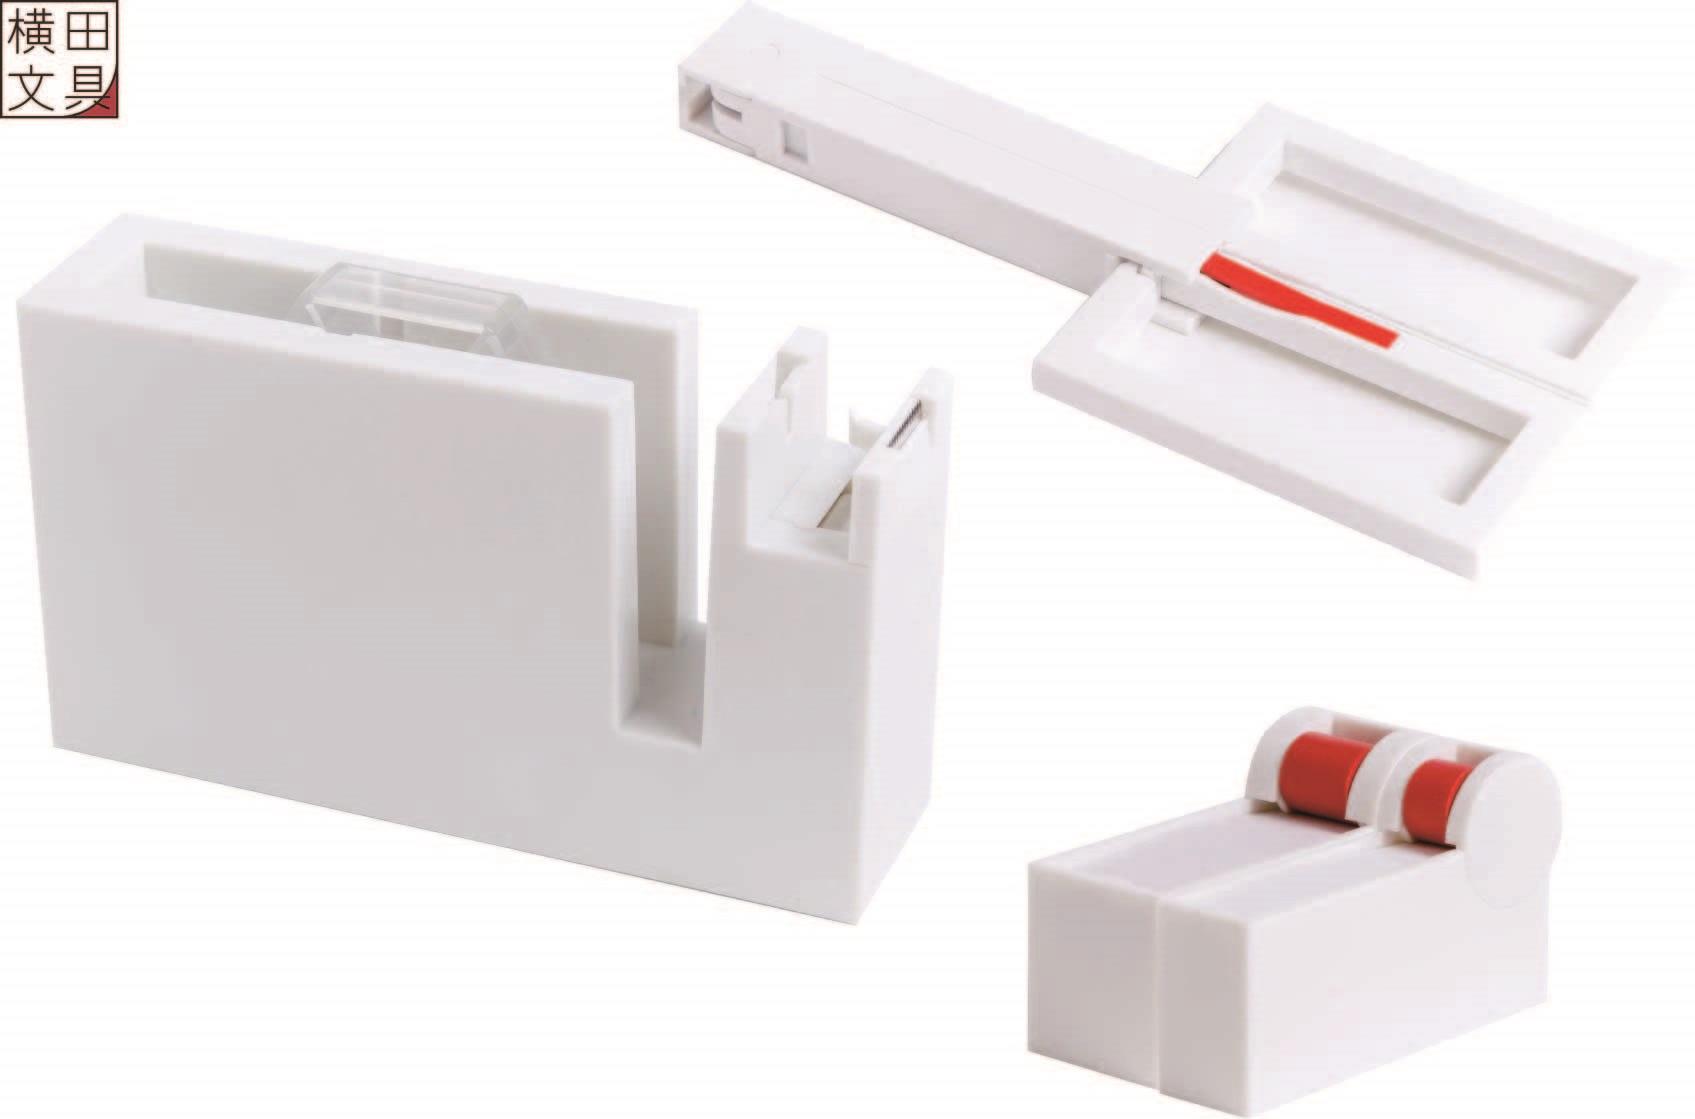 ふるさと納税 セール商品 C155 ちょっと便利な横田文具 ハサミ 内祝い 付箋ケース大中セット テープカッター大